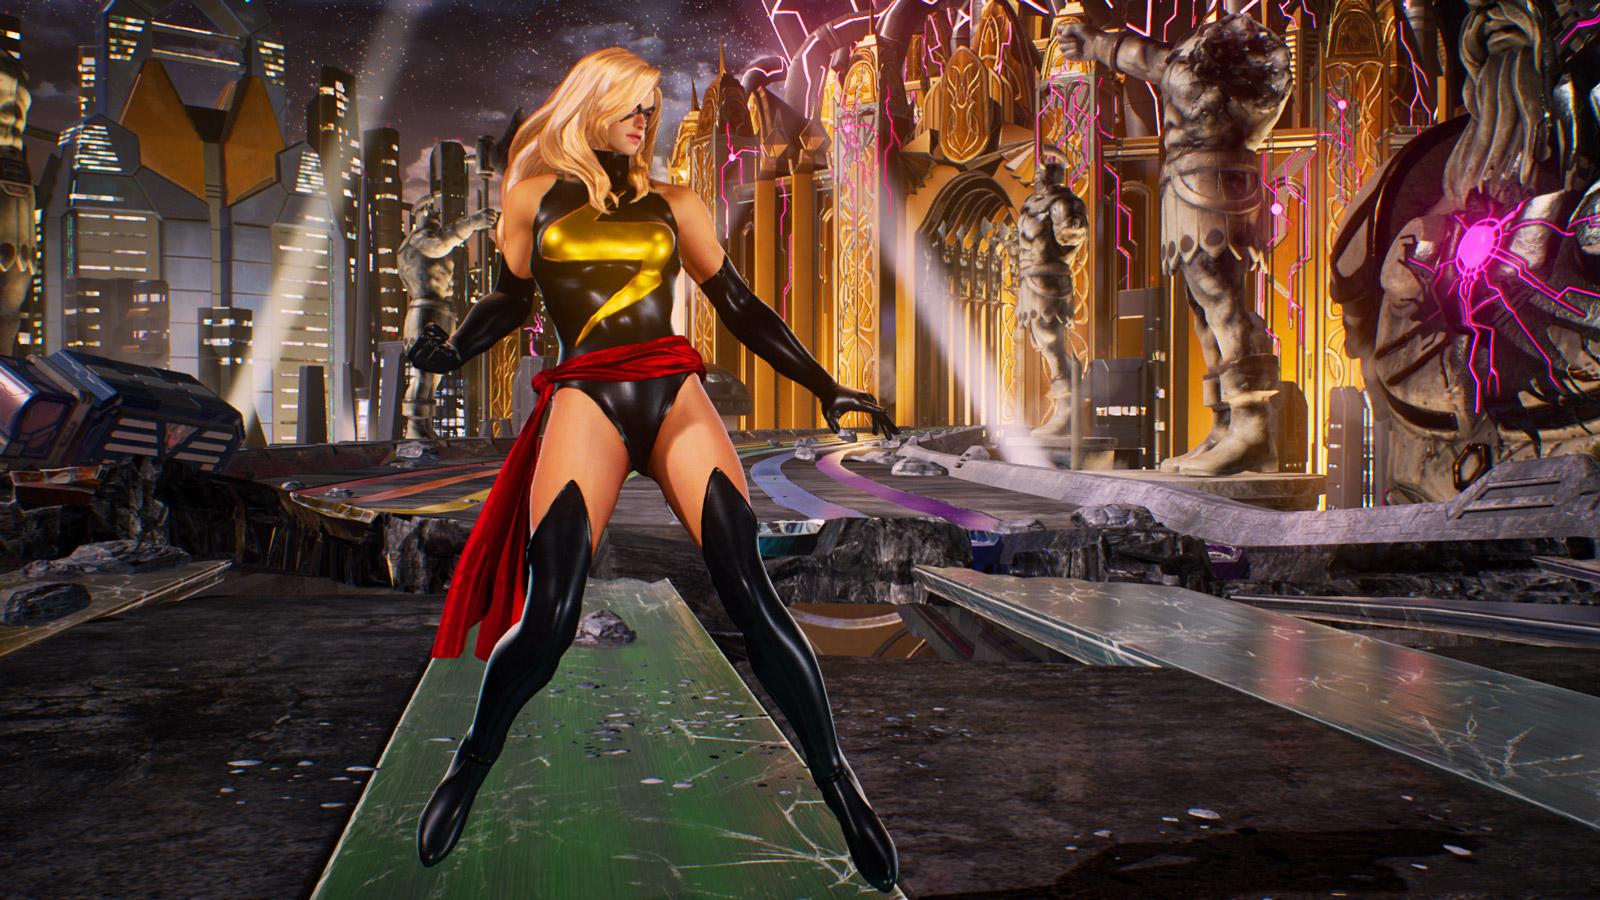 Marvel vs. Capcom: Infinite Wallpaper in 1600x900